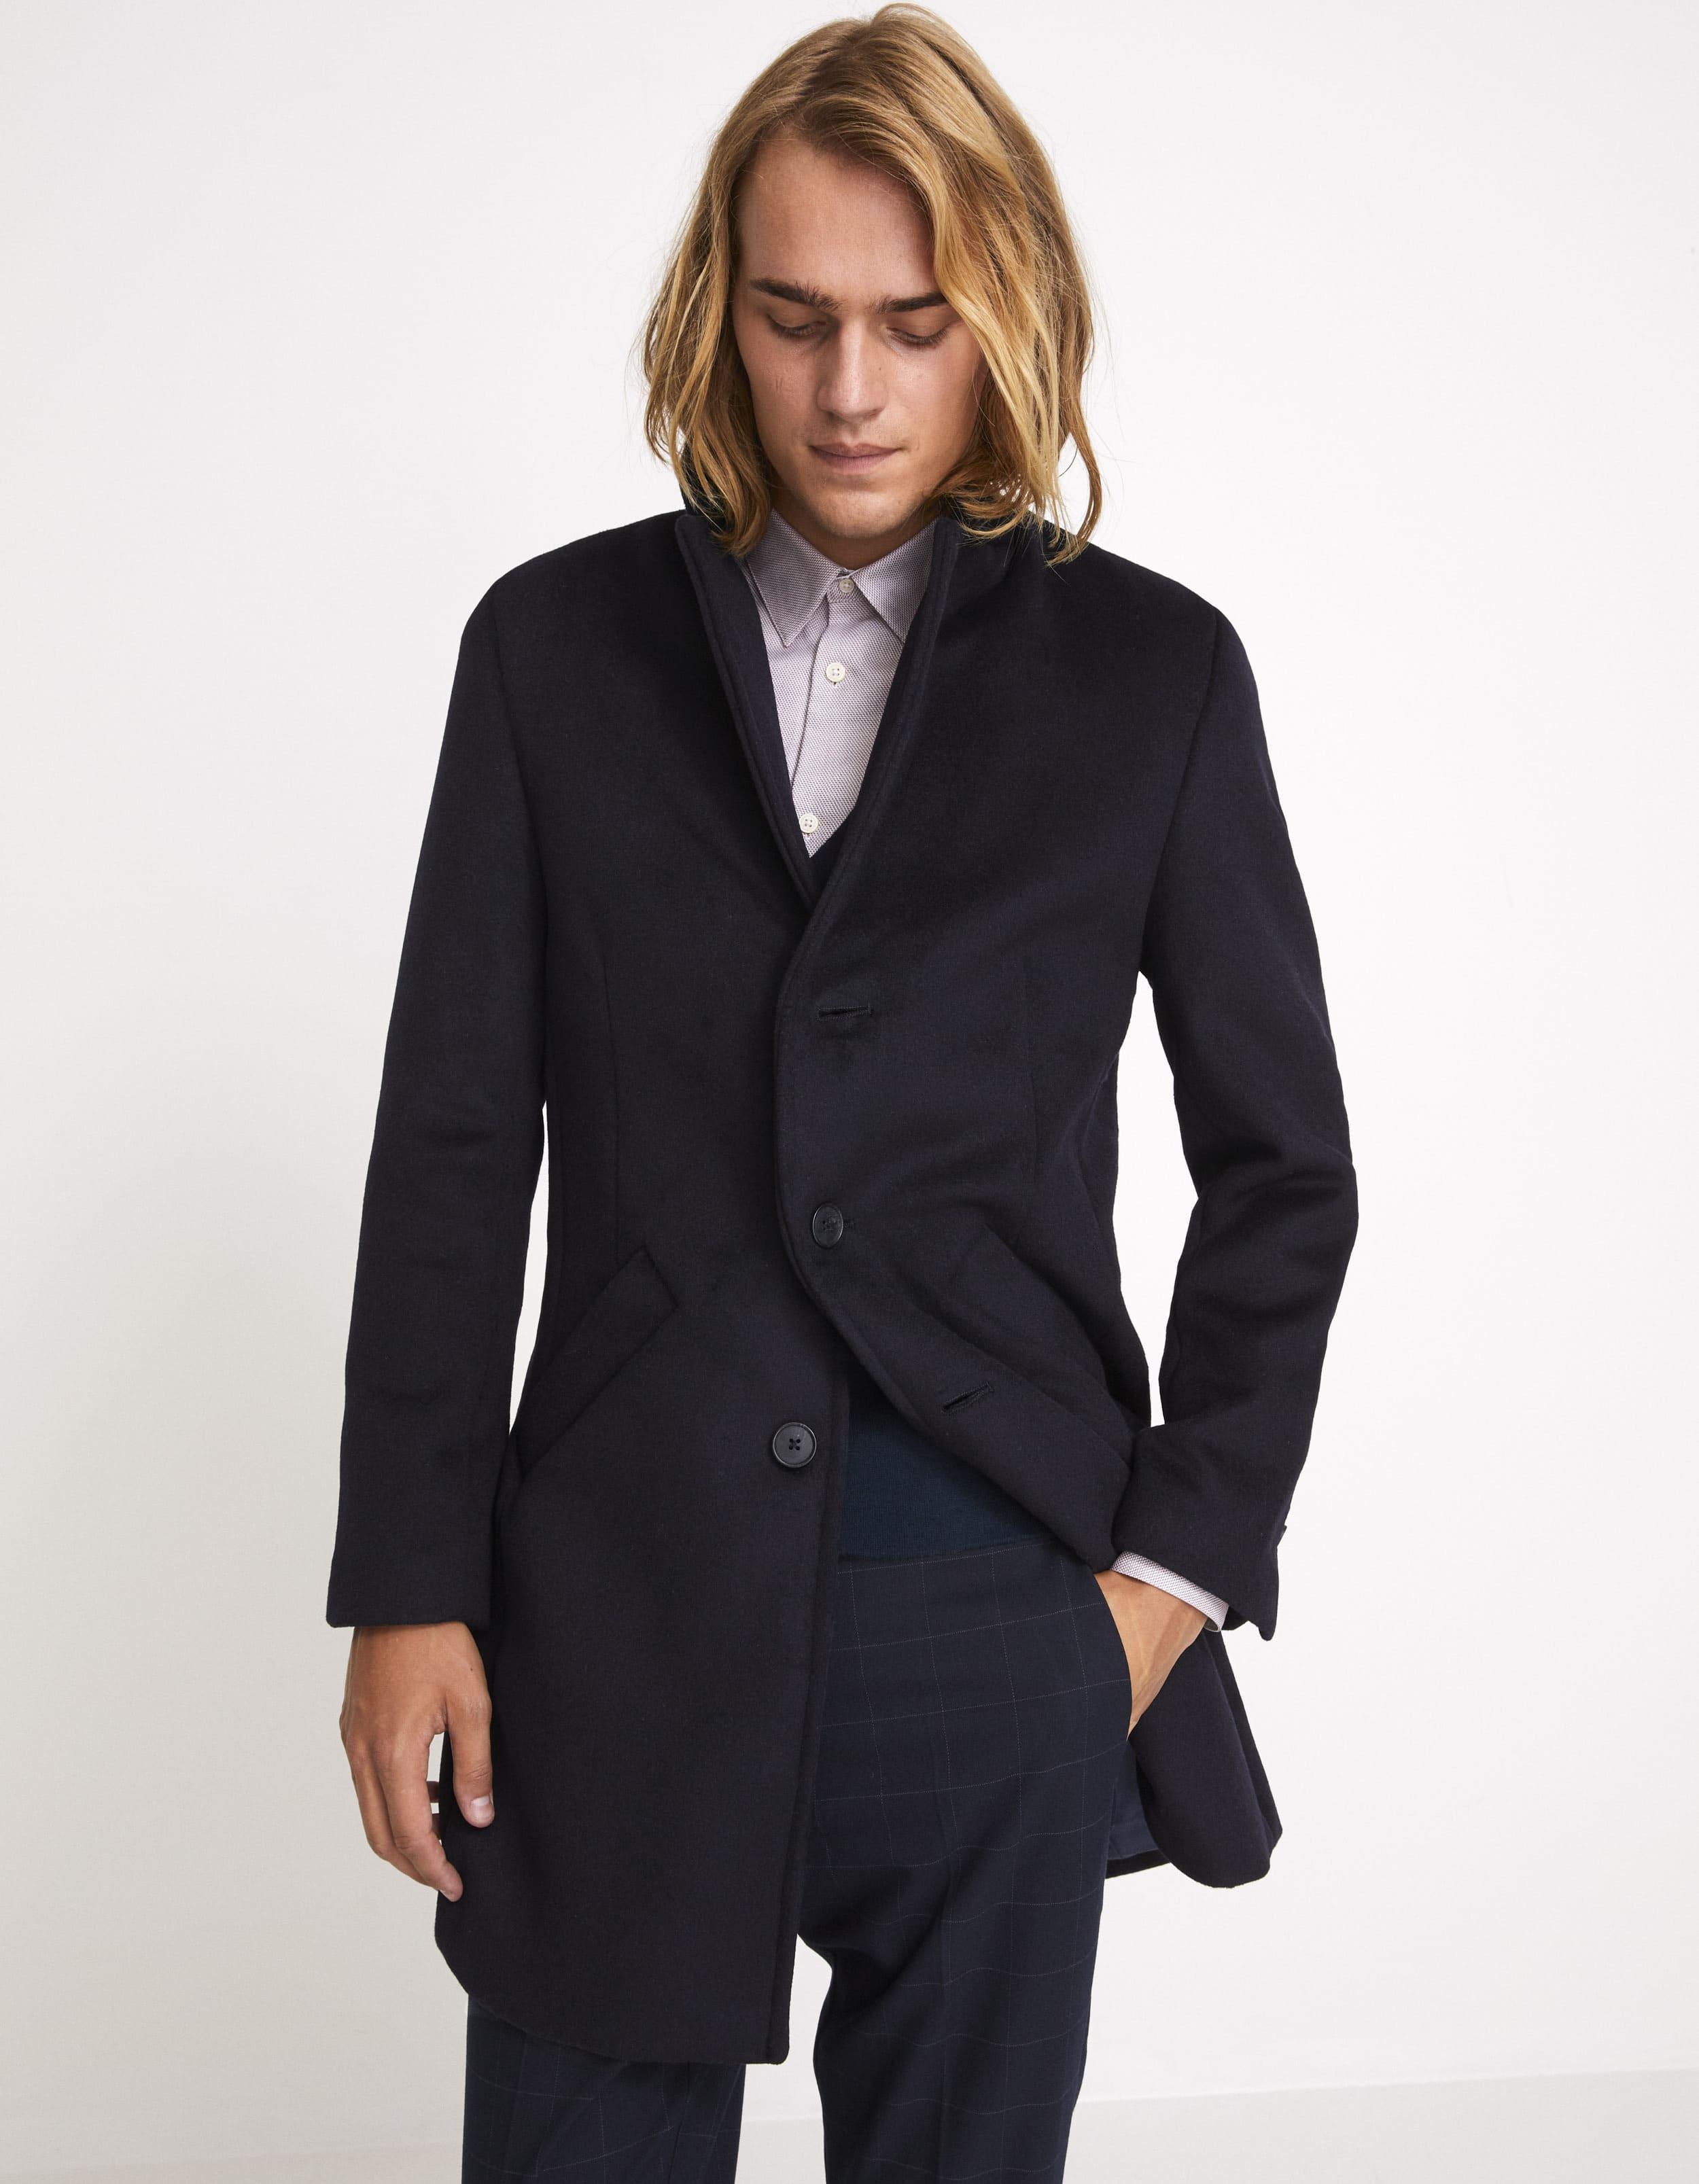 Manteau long laine mélangée – marine Celio prix 129,90 €